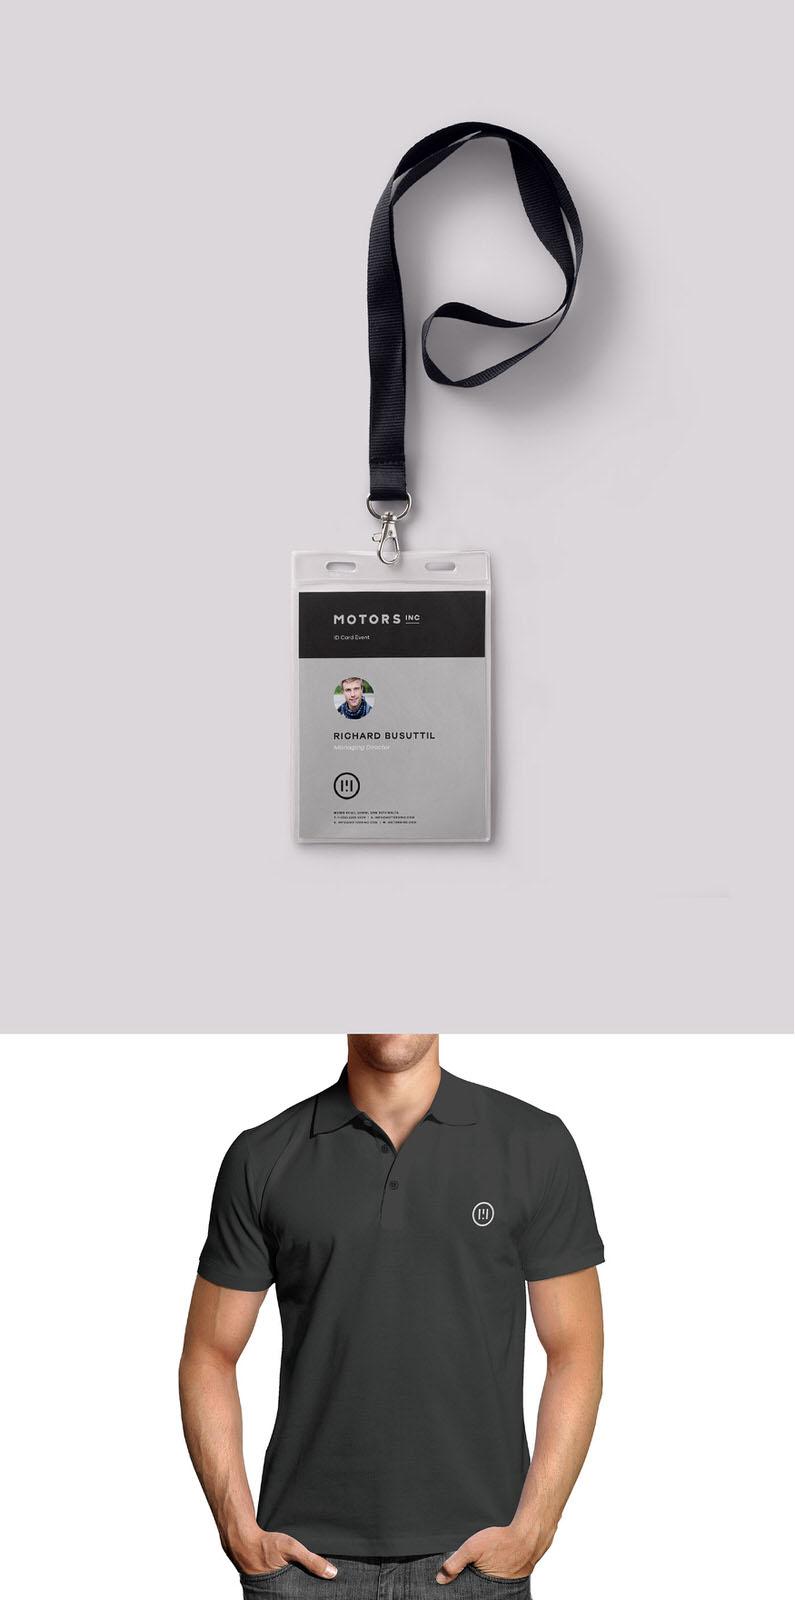 legitymacja z logo